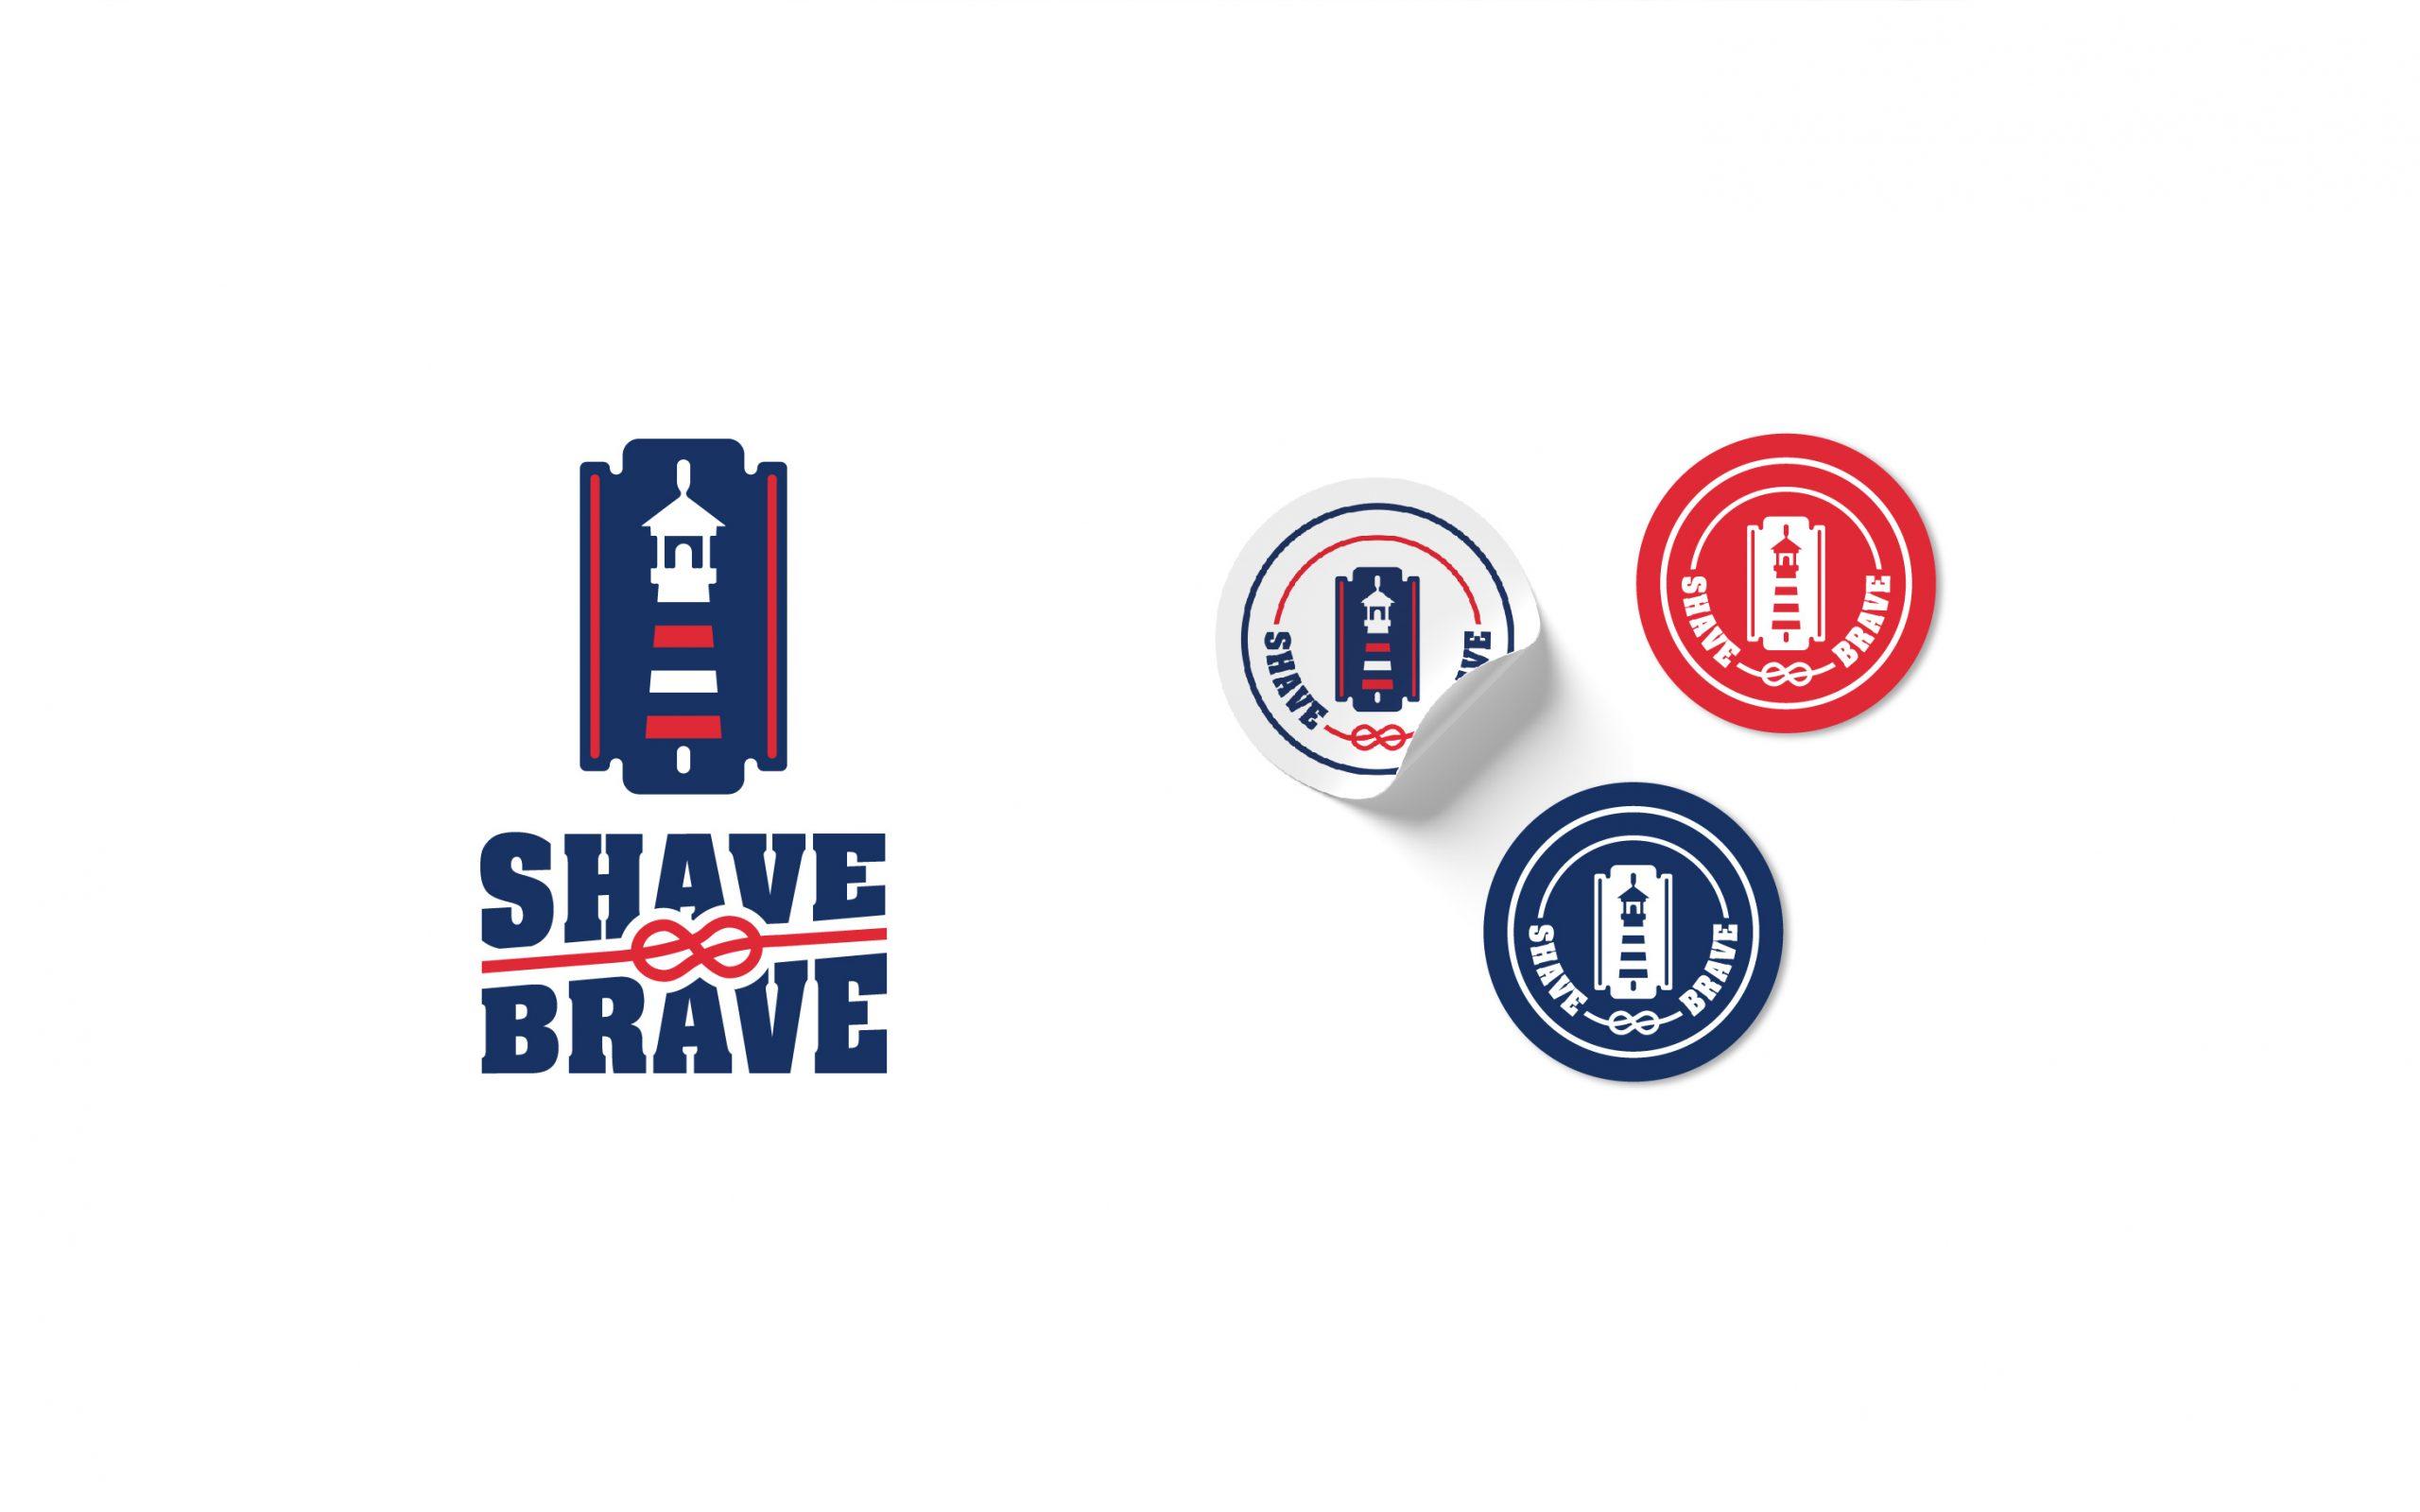 shave brave 5